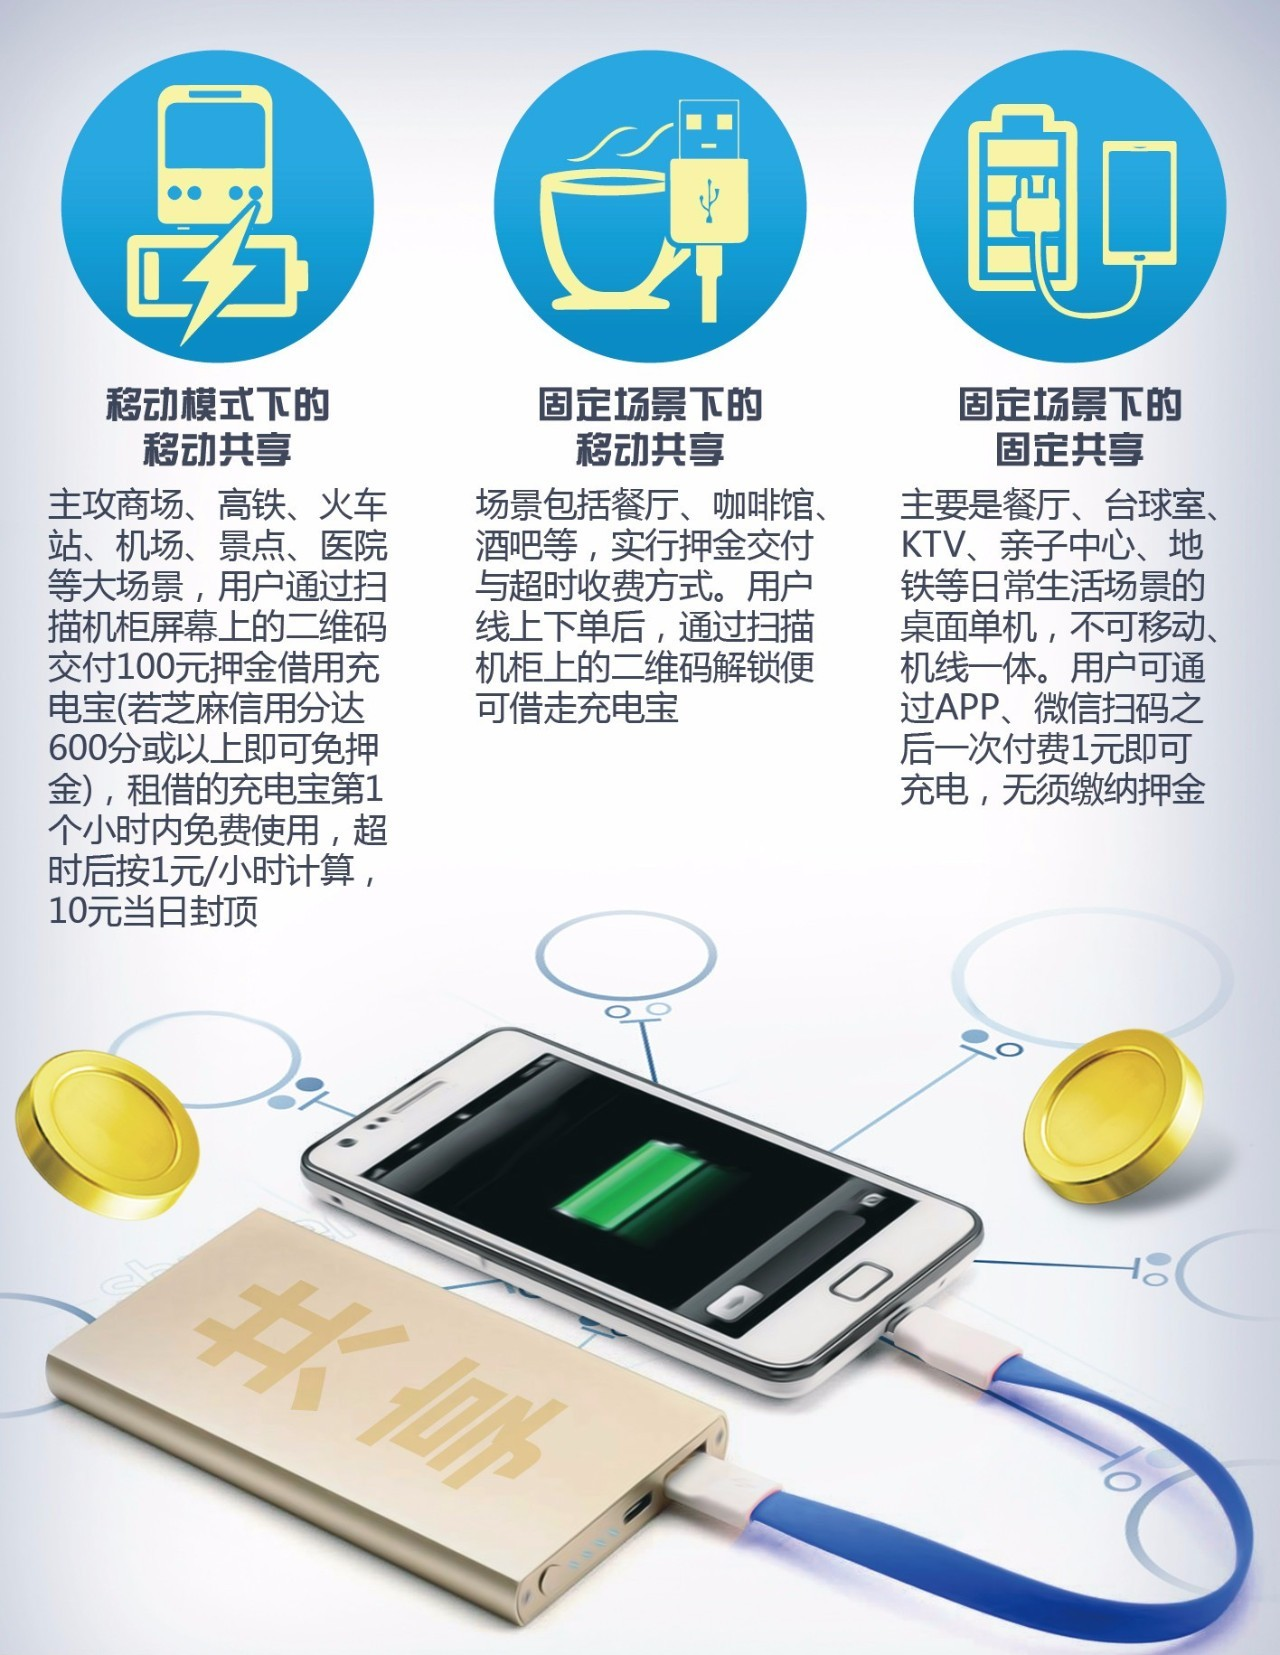 共享充电宝的场景需求分析(来源:视觉中国)